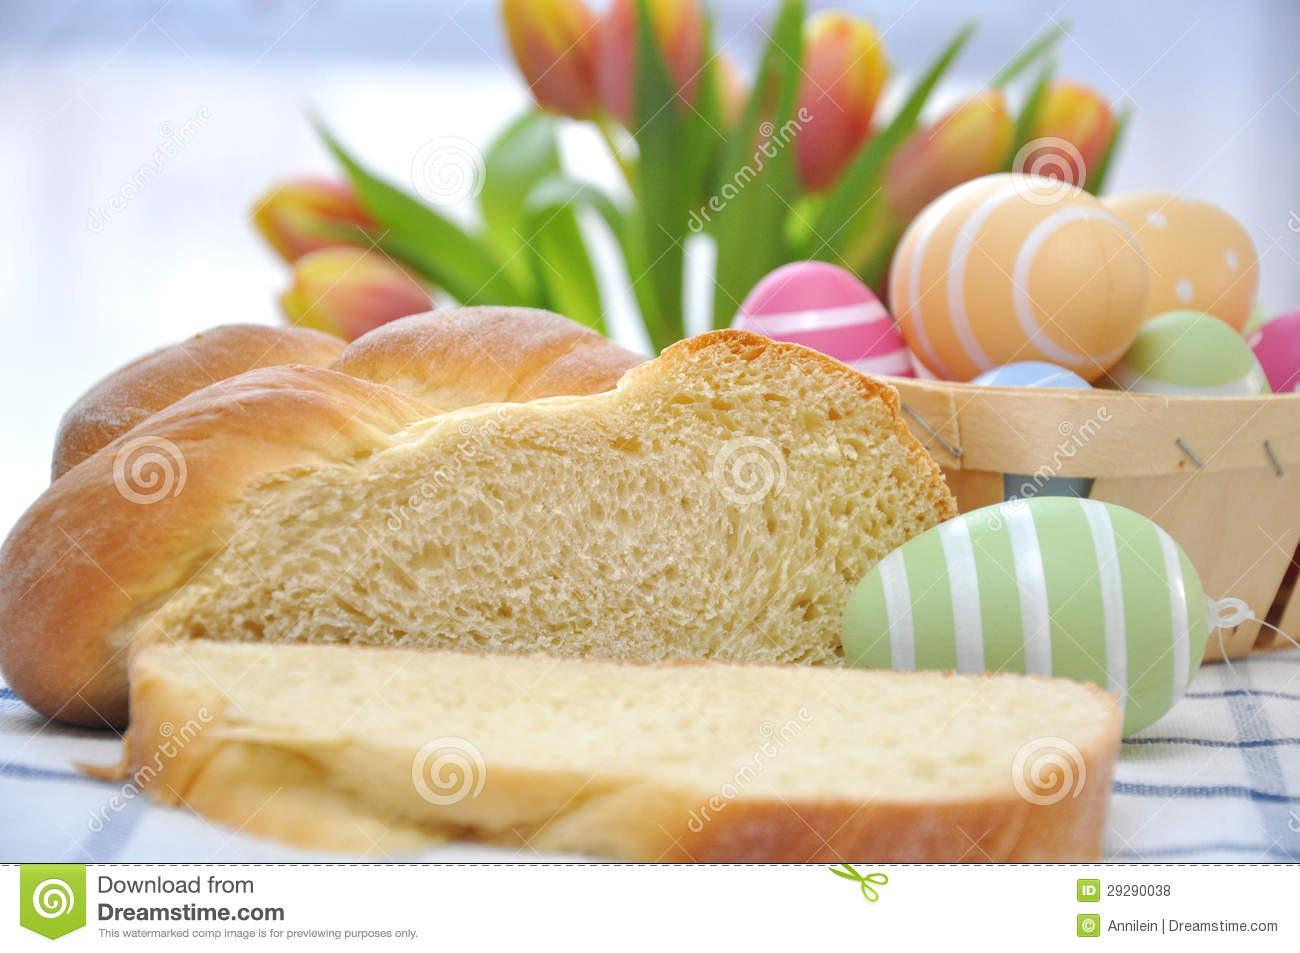 Easter Bread German  Sweet German Easter Bread Royalty Free Stock